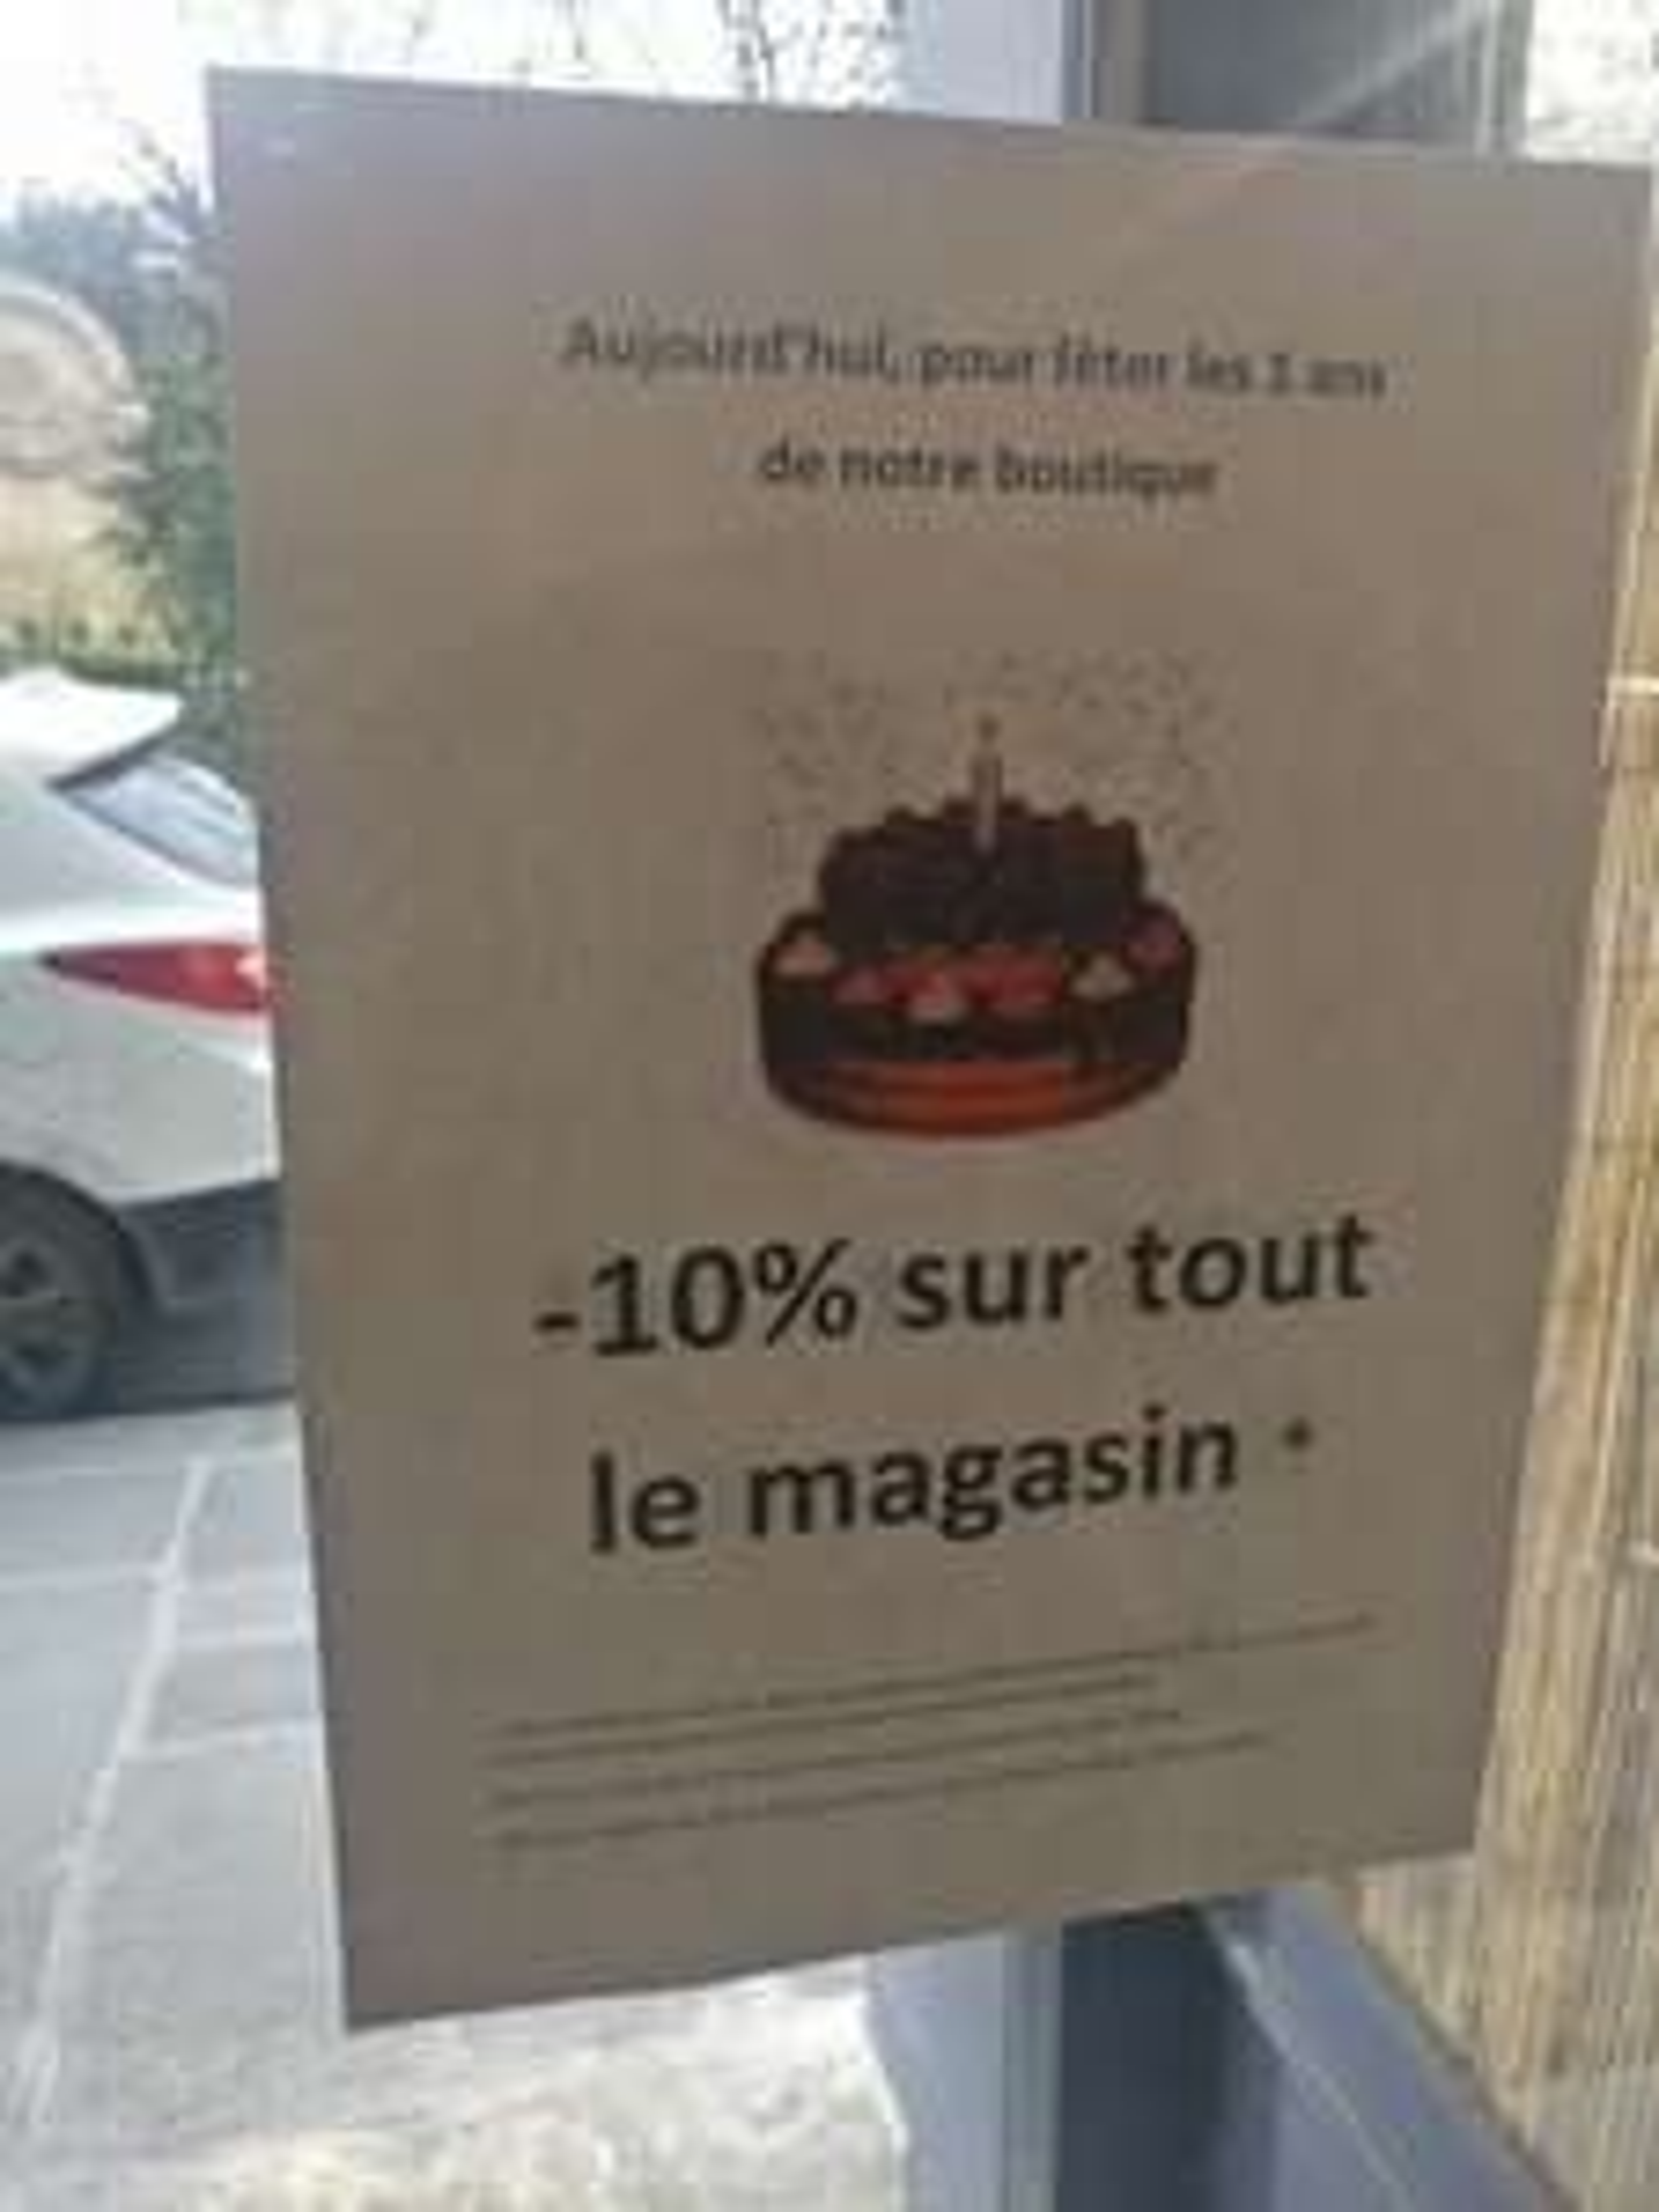 10% de réduction sur toute la boutique -  Haussmann Paris (75)